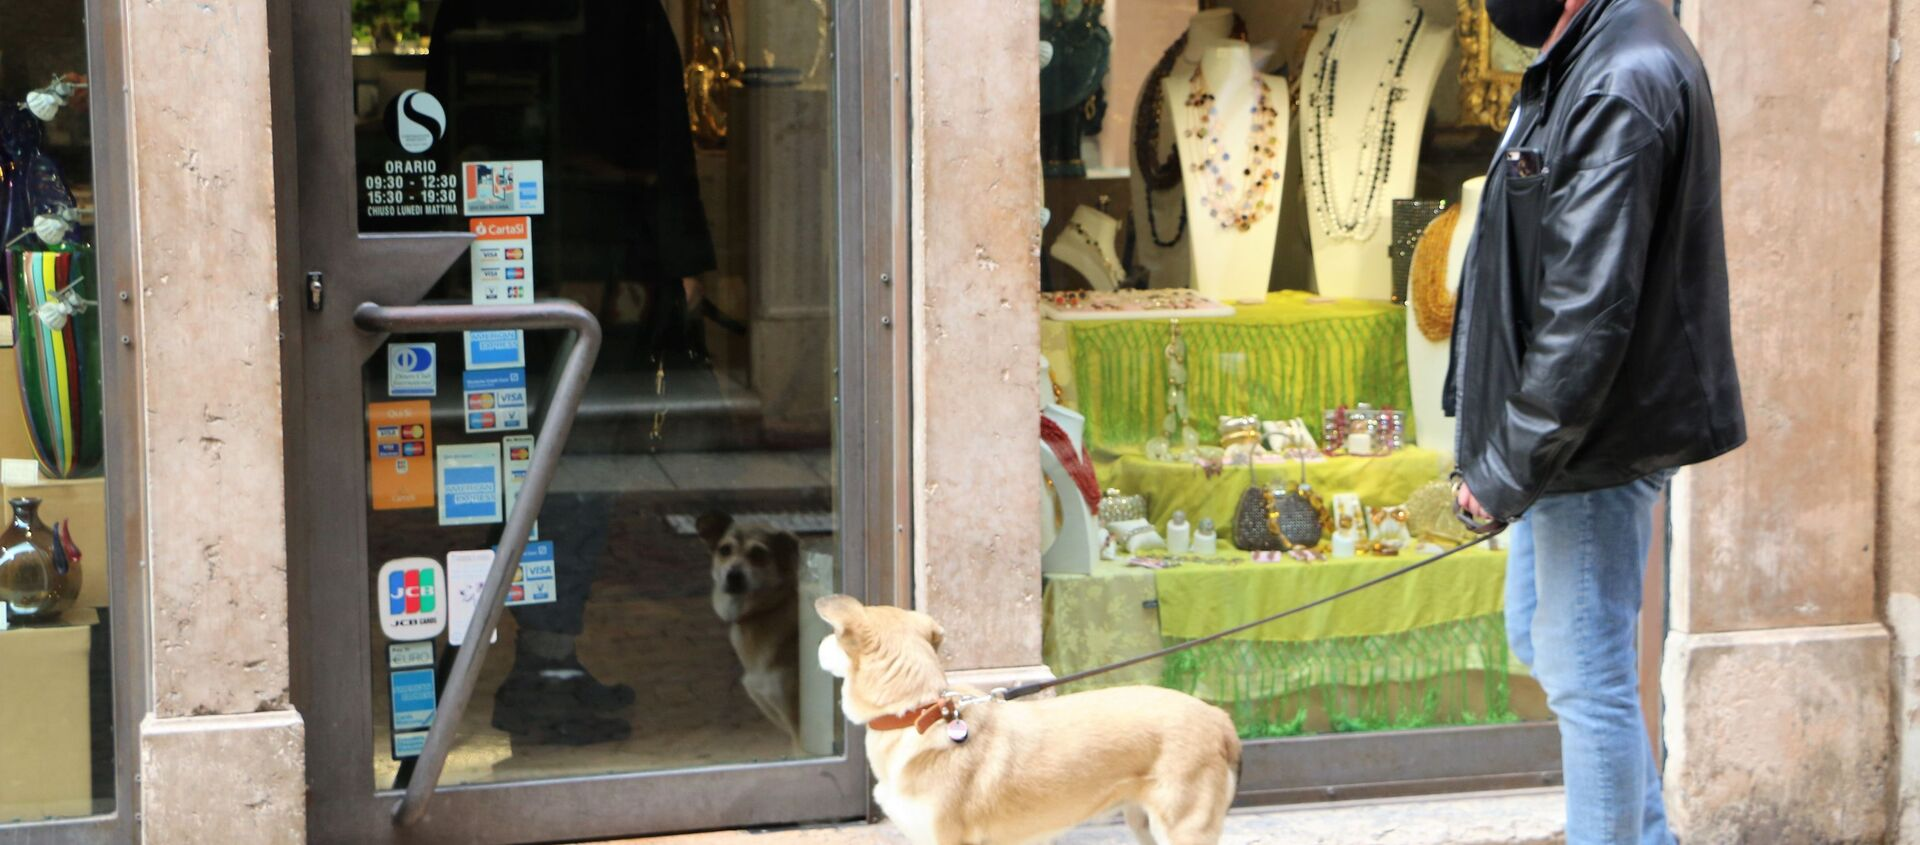 Un uomo in mascherina con cane vicino a un negozio - Sputnik Italia, 1920, 14.02.2021